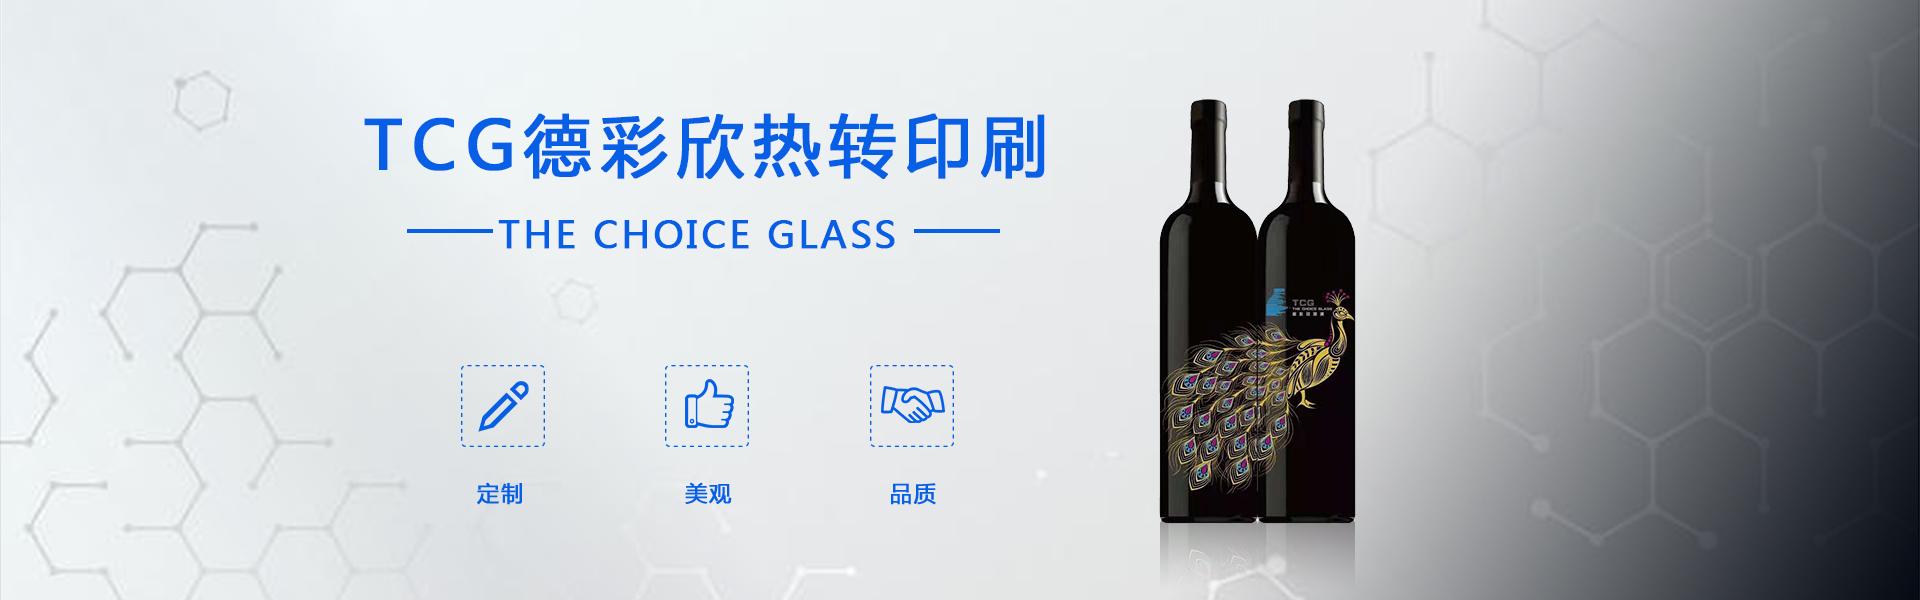 玻璃酒瓶热转印标签